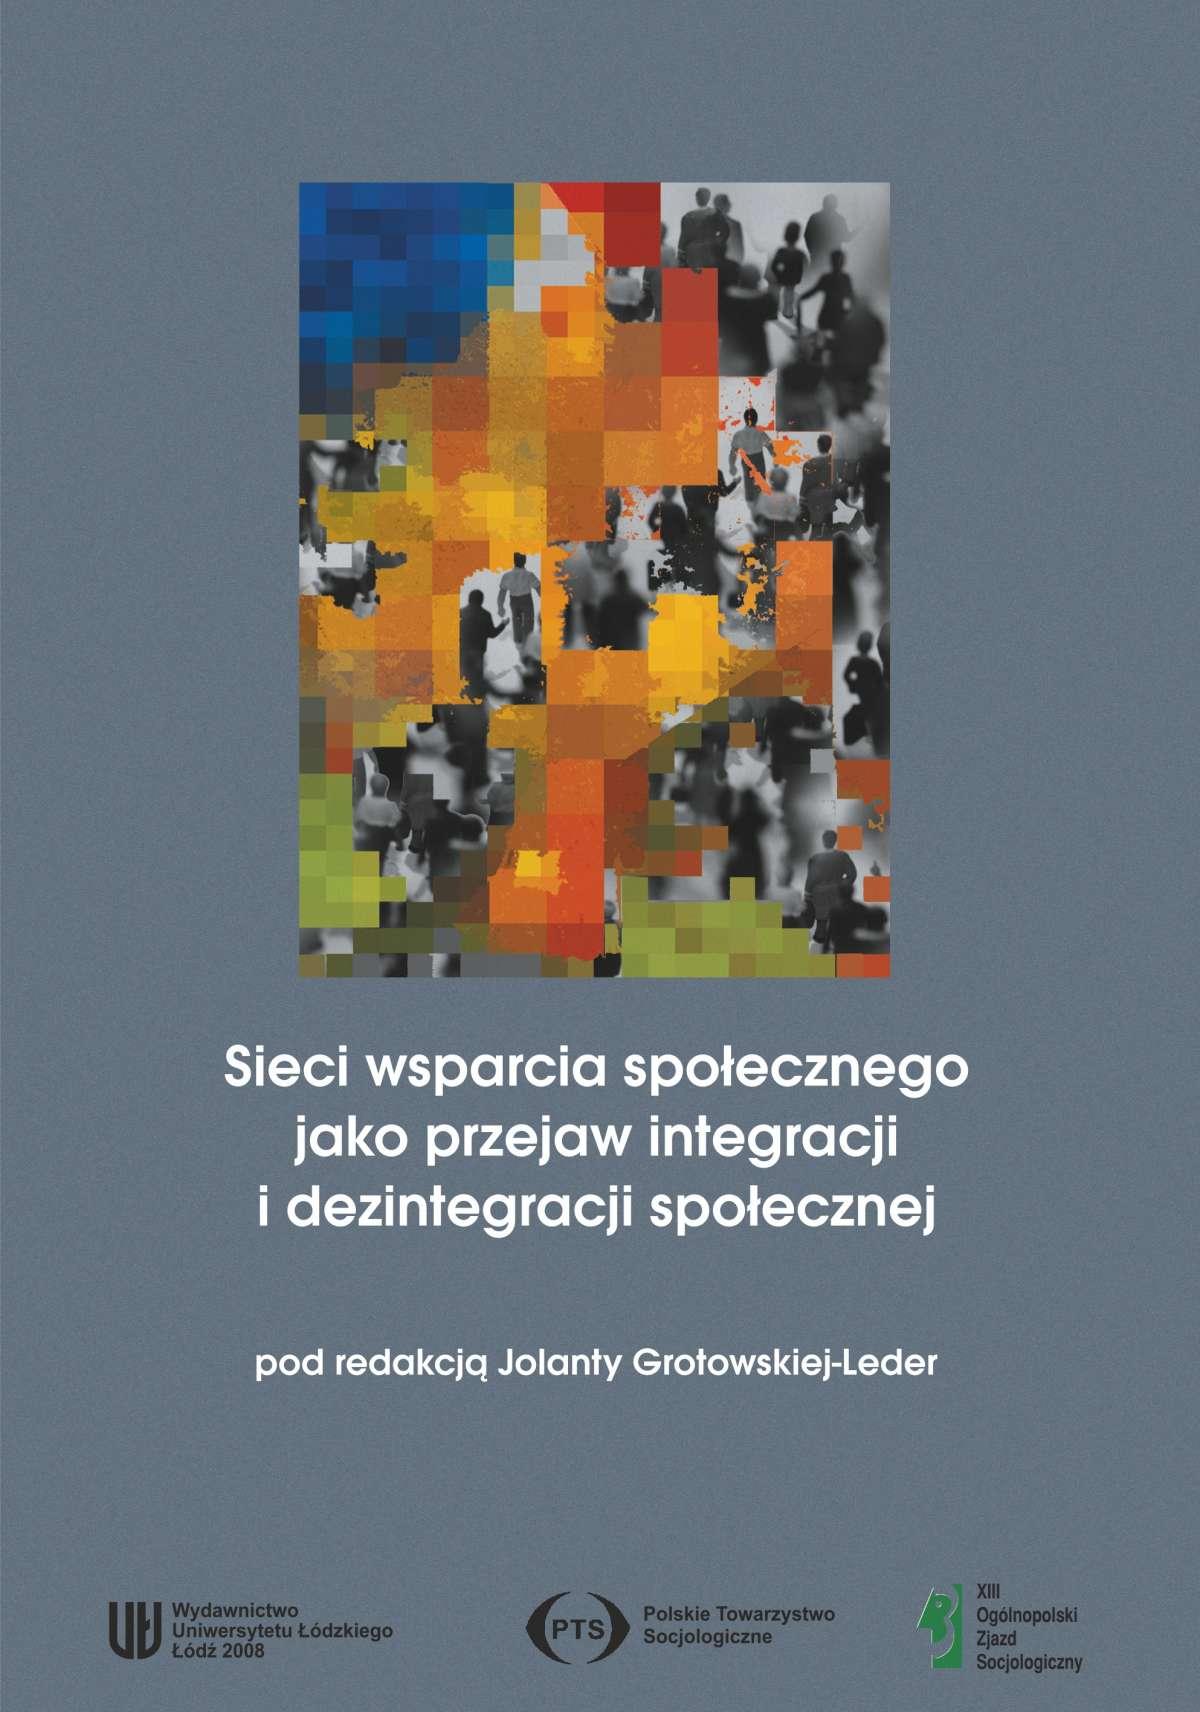 Sieci wsparcia społecznego jako przejaw integracji i dezintegracji społecznej - Ebook (Książka PDF) do pobrania w formacie PDF